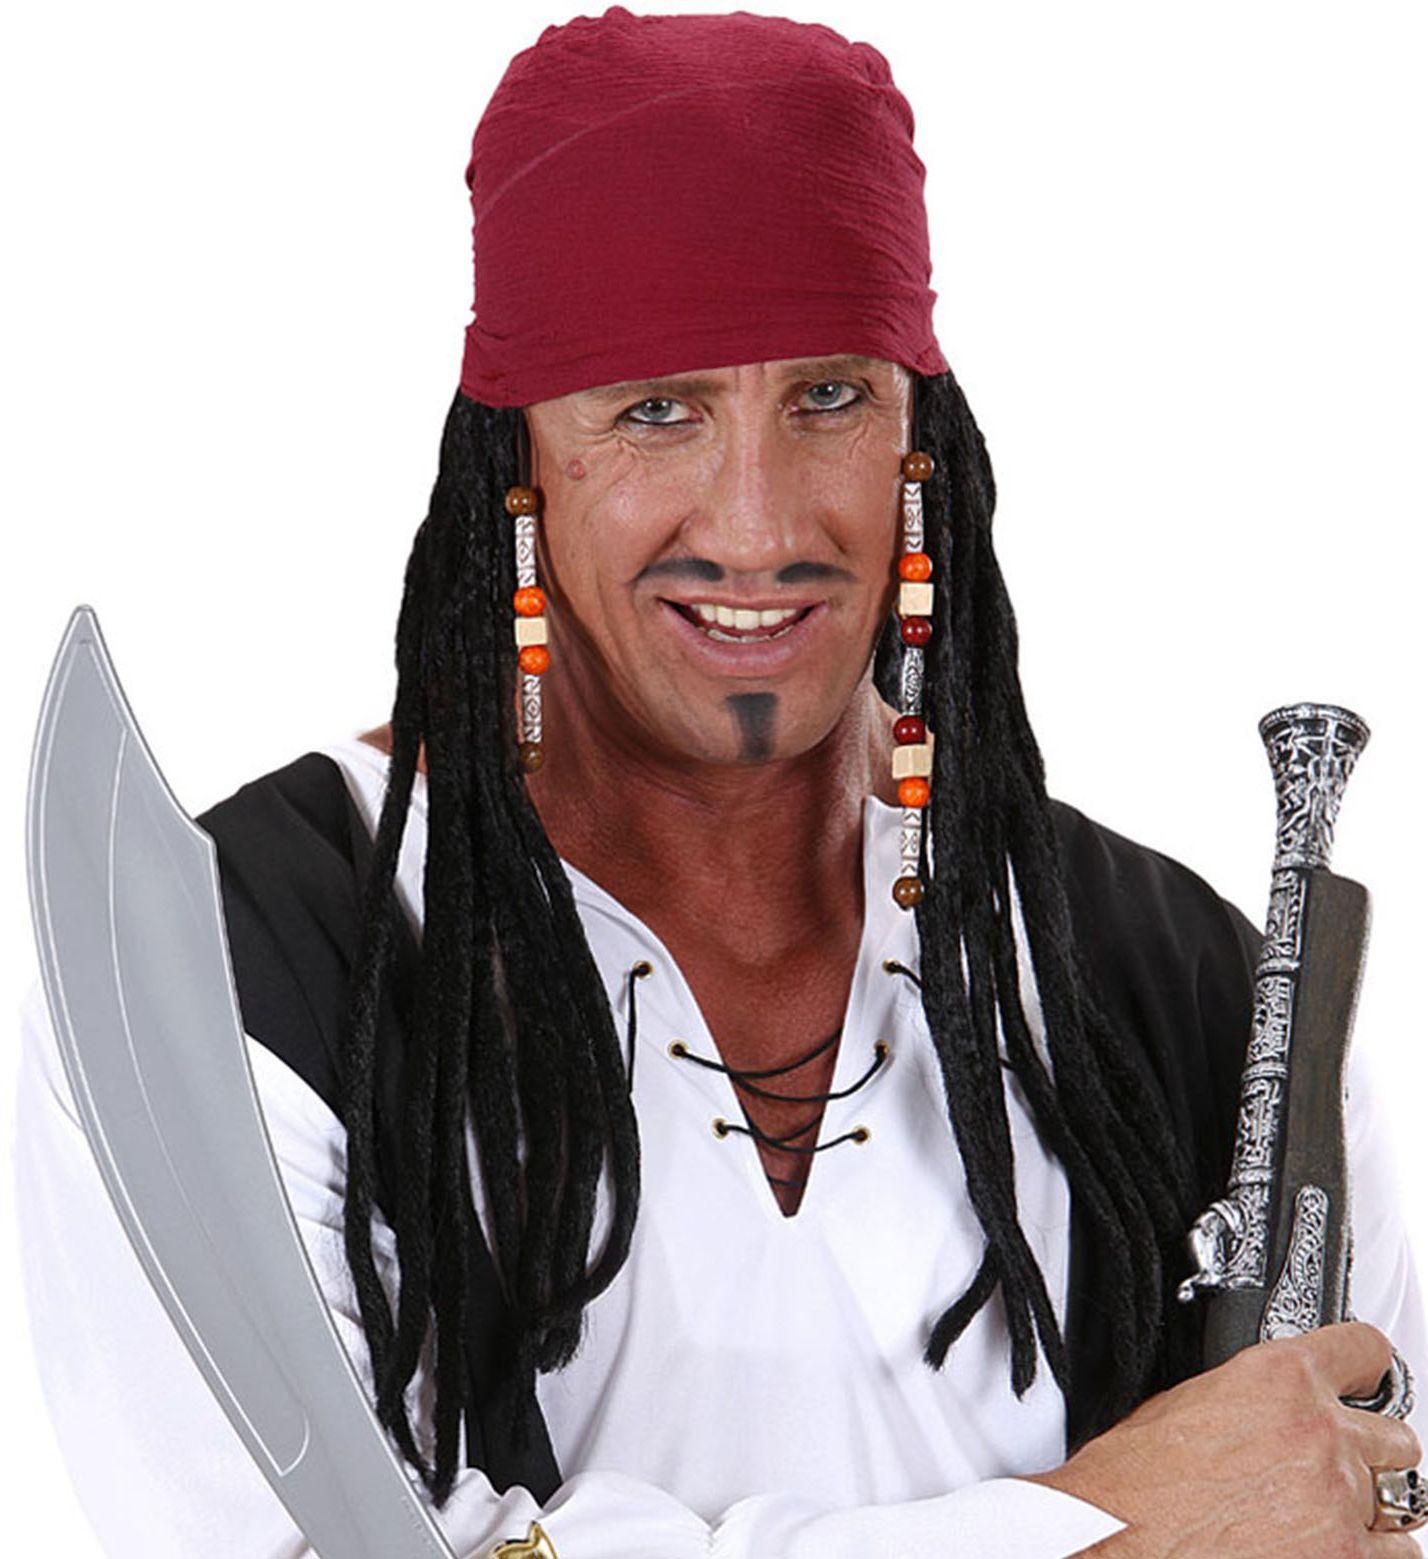 Zwarte piraten pruik met rode bandana